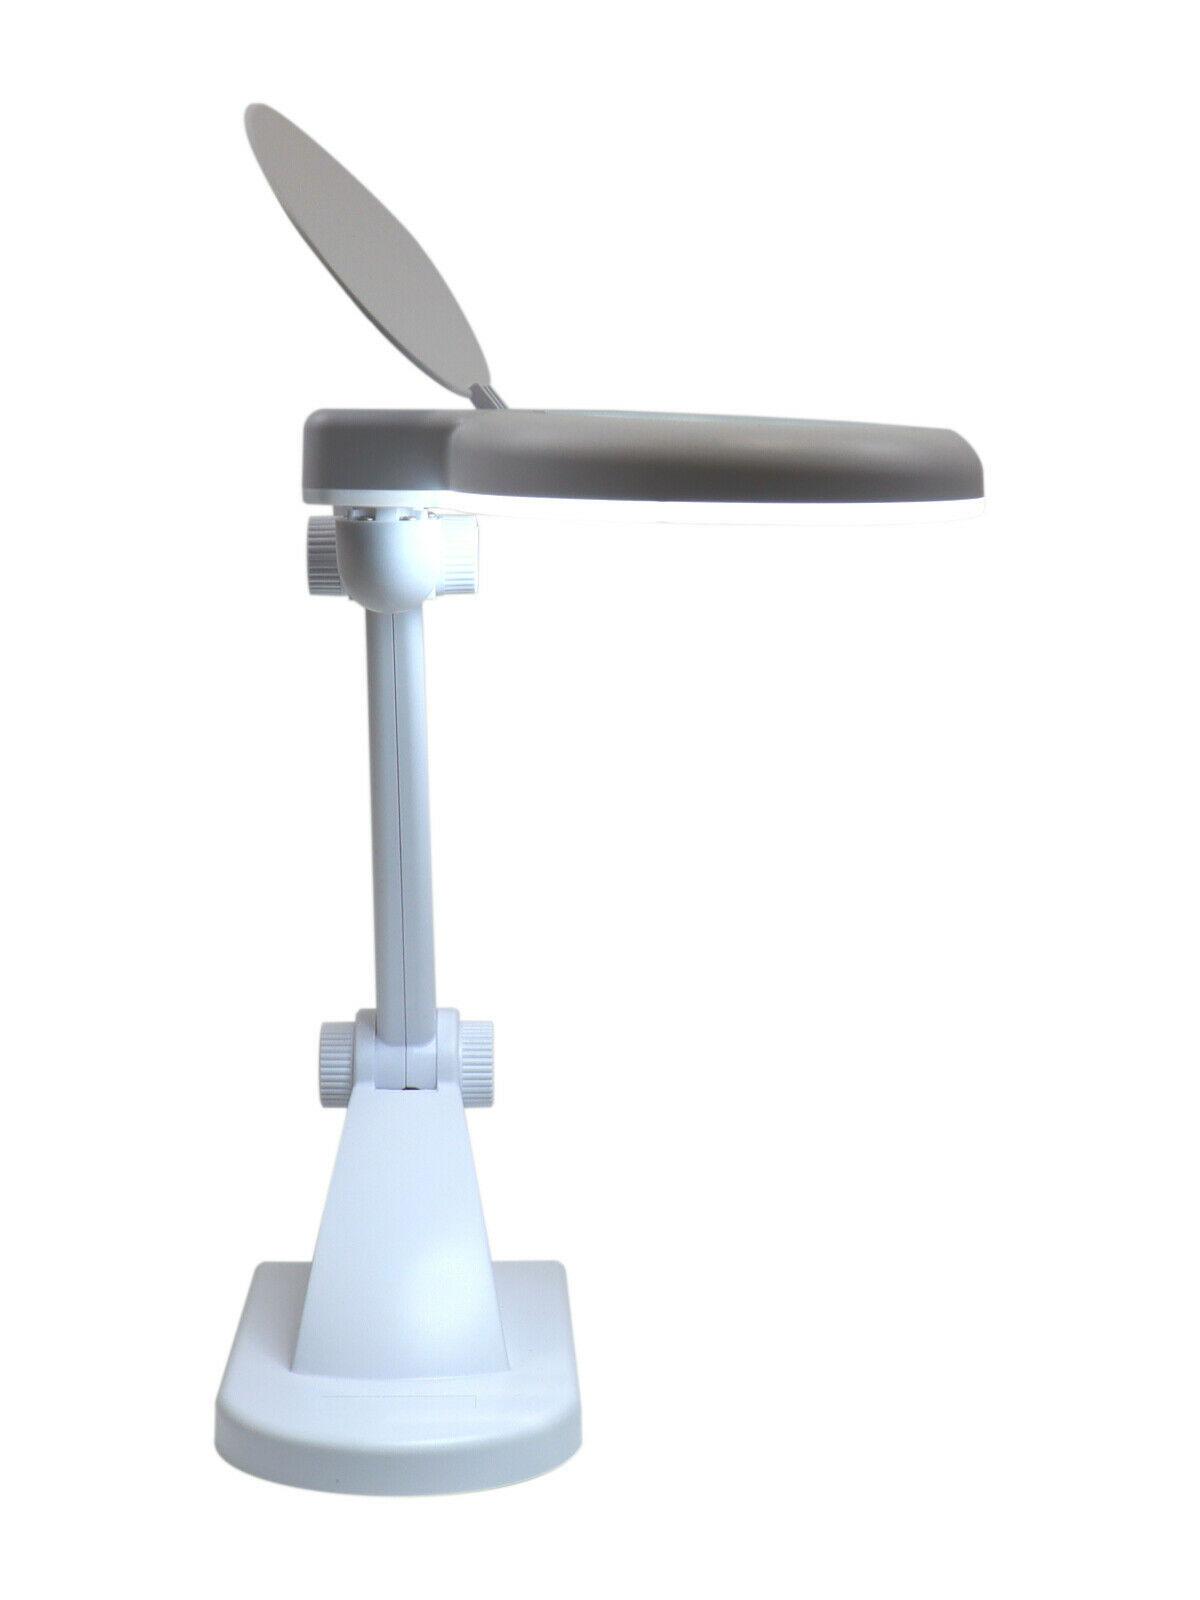 LAM-038, lampa z lupą 5d, lampa 9102LED-M, lampa 8092, lampa ze szkłem powiększającym, lupa z podświetleniem, lupa z oświetleniem, lampa z powiększeniem, Lampa x30 diod LED z lupą o powiększeniu 5D x2,25